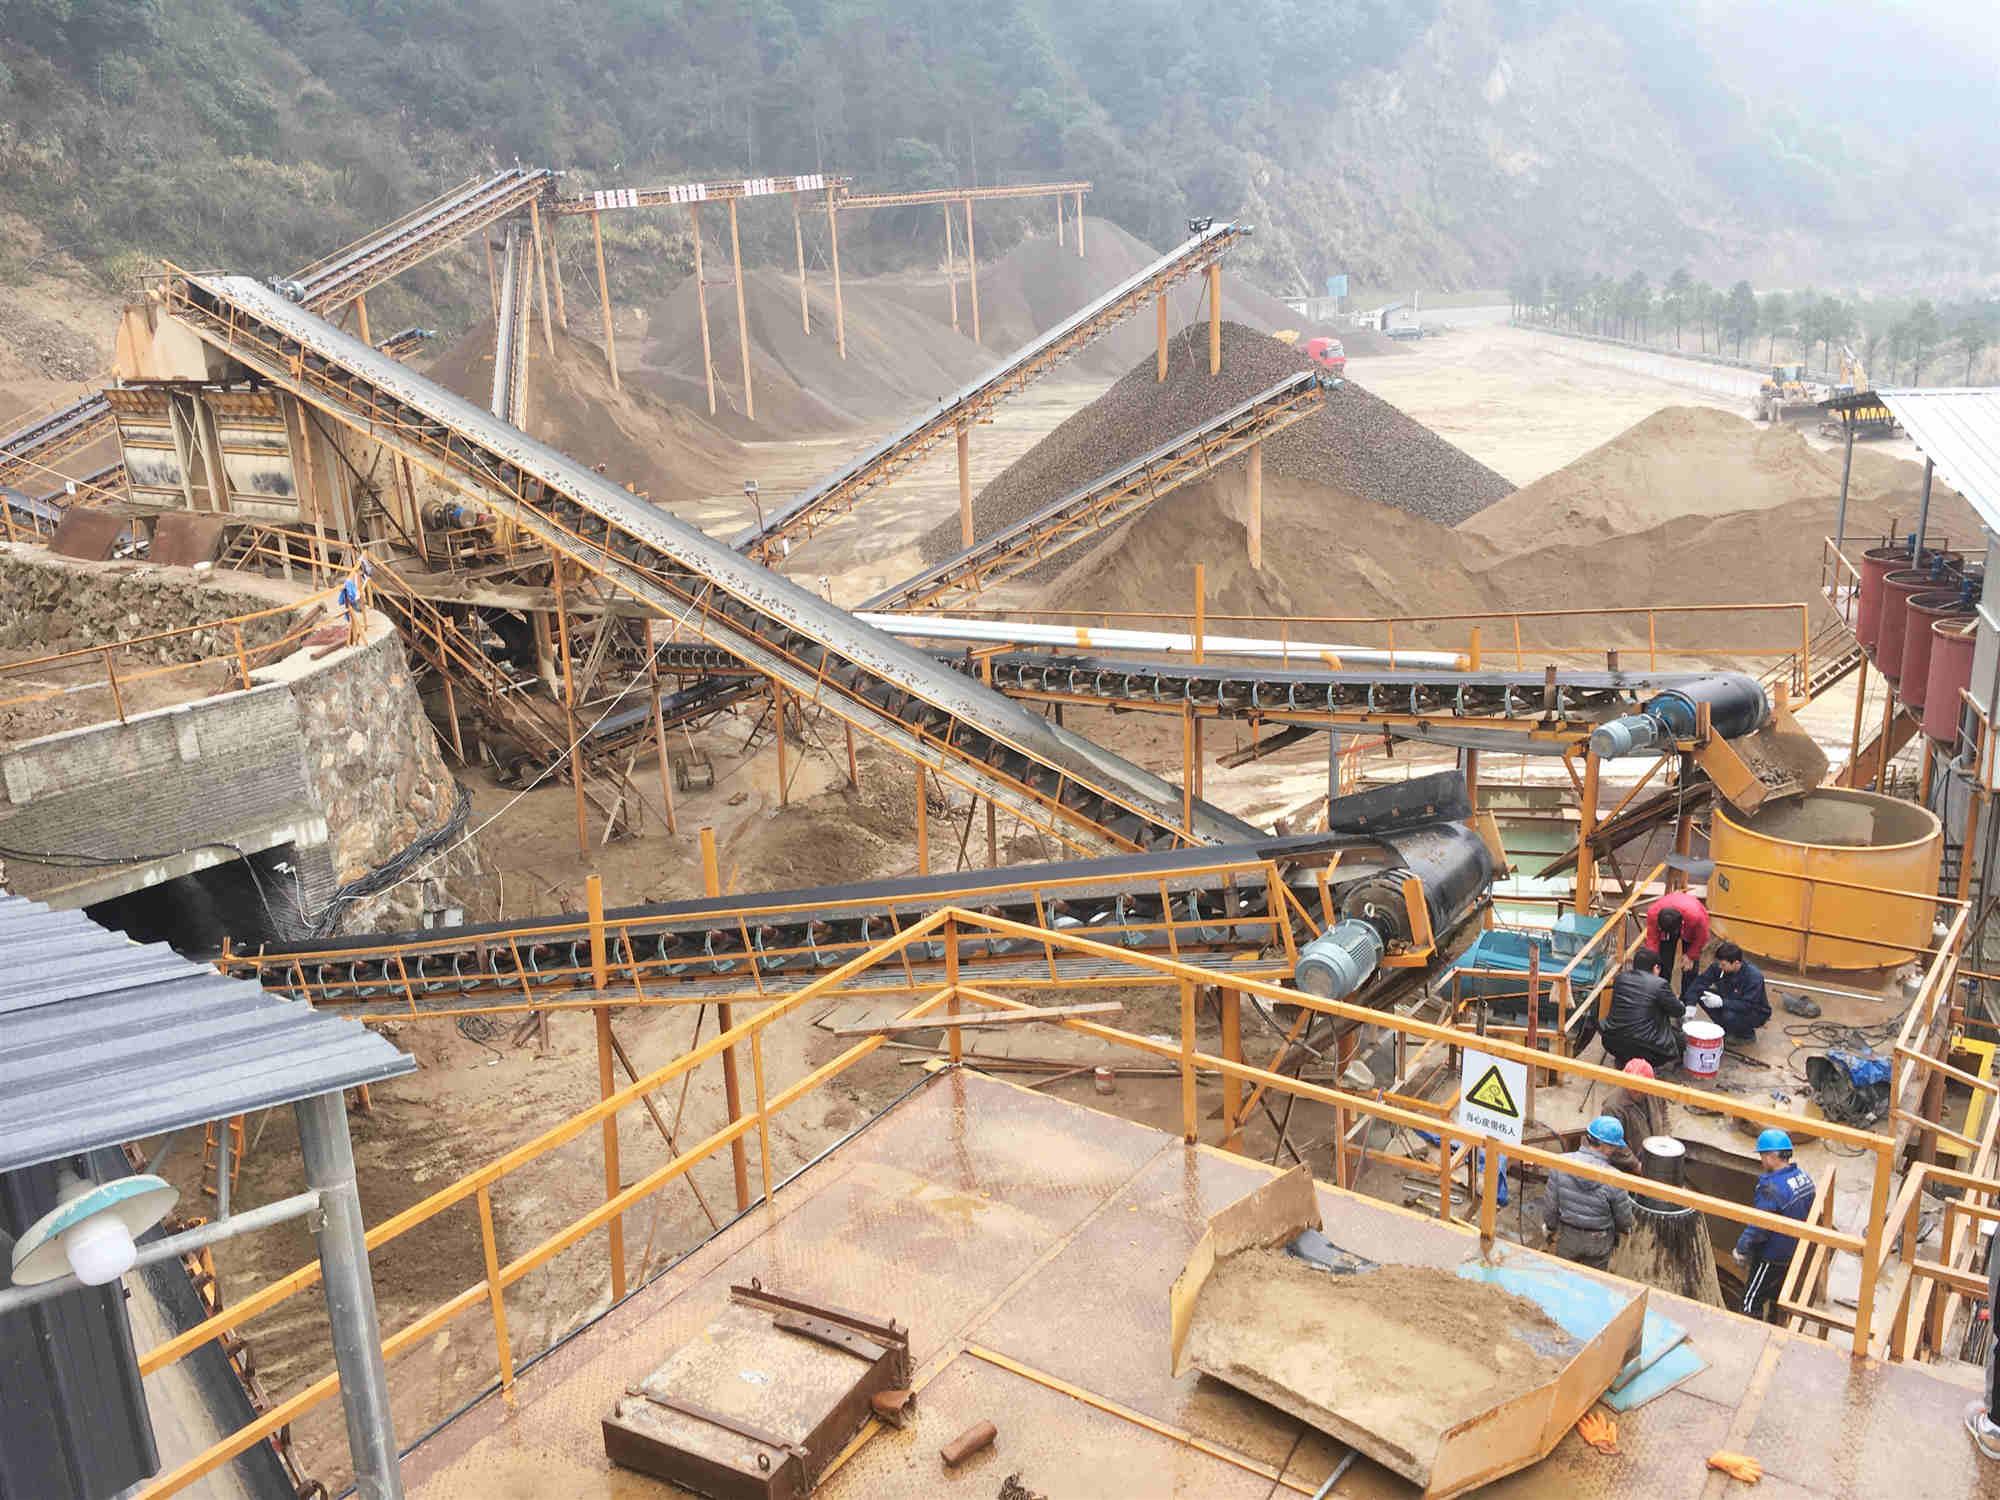 【行业动态】四川雅安严格整顿砂石矿山扬尘污染问题